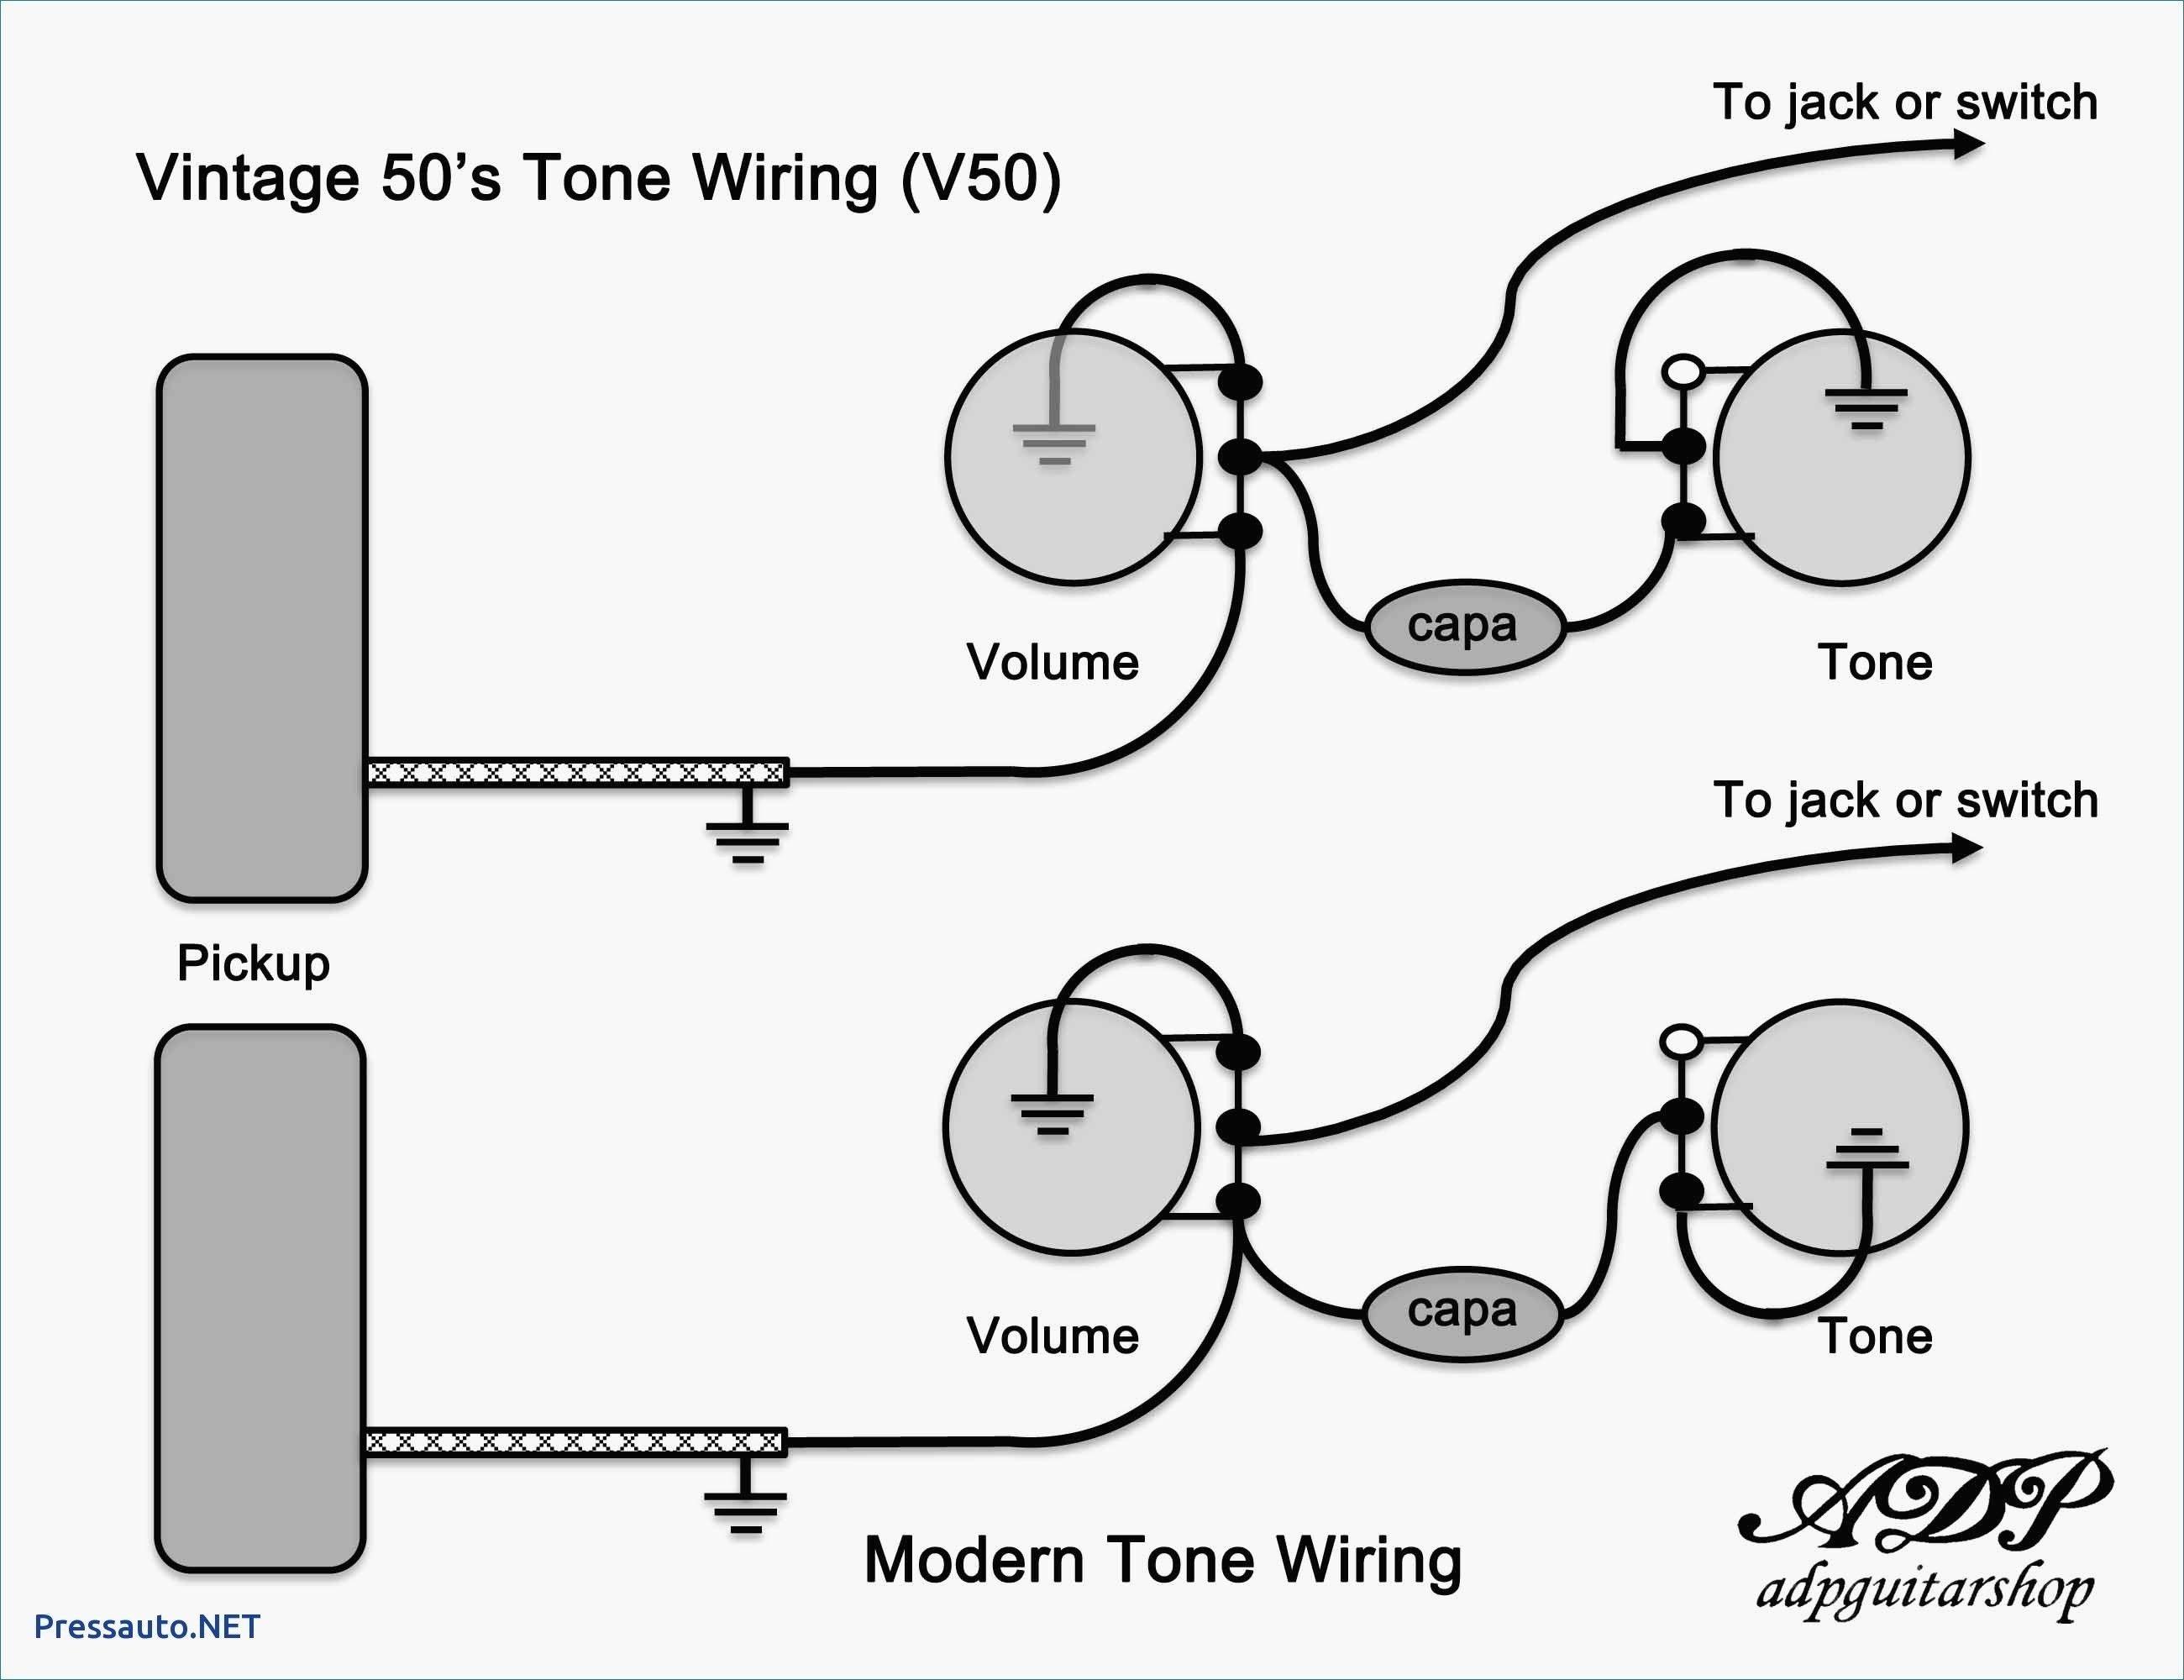 New Wiring Diagram For Epiphone Les Paul Custom Diagram